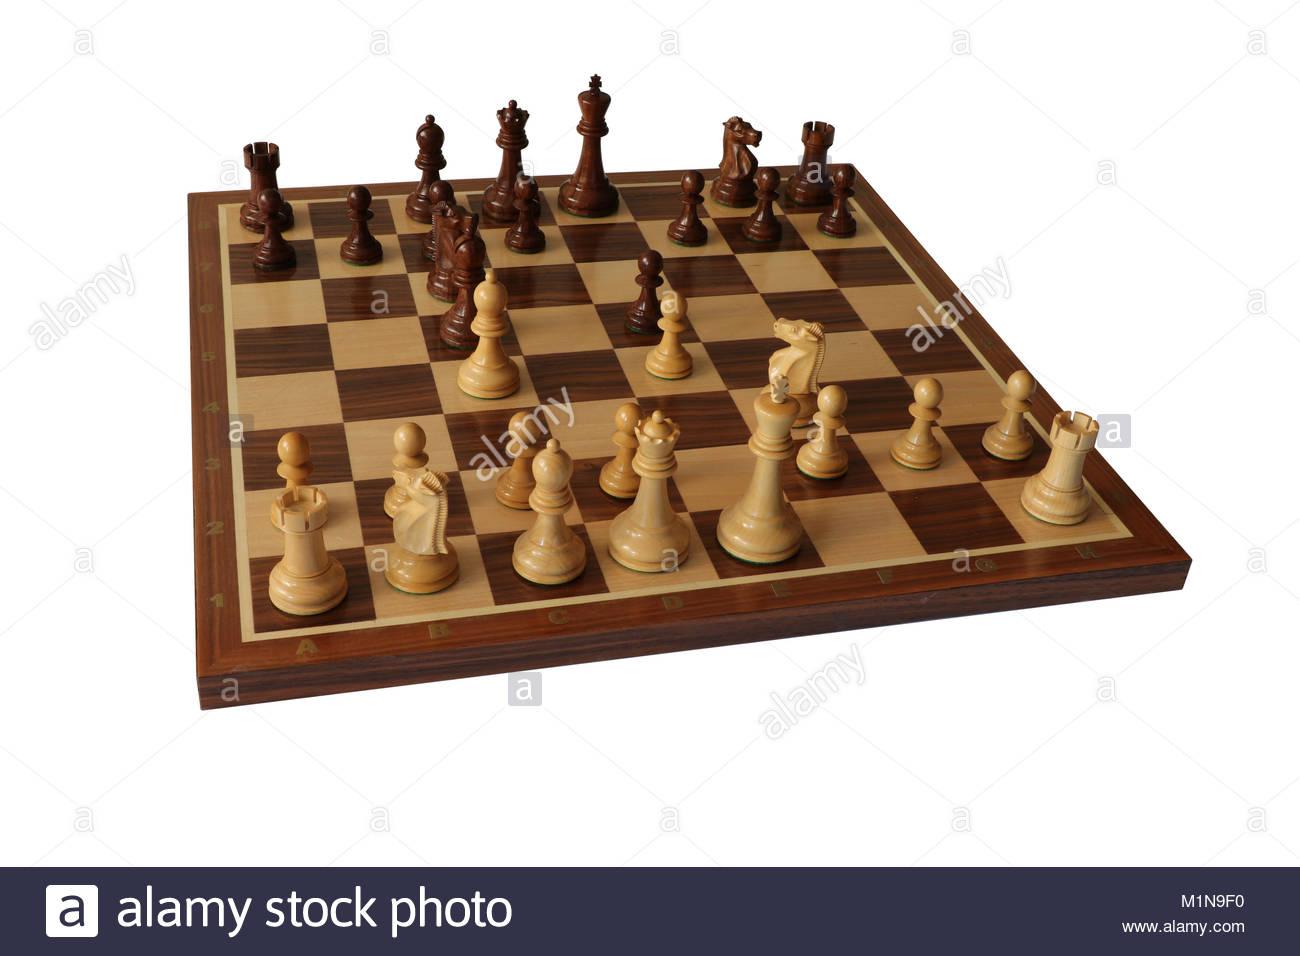 Chess opening. Giuoco Piano. - Stock Image